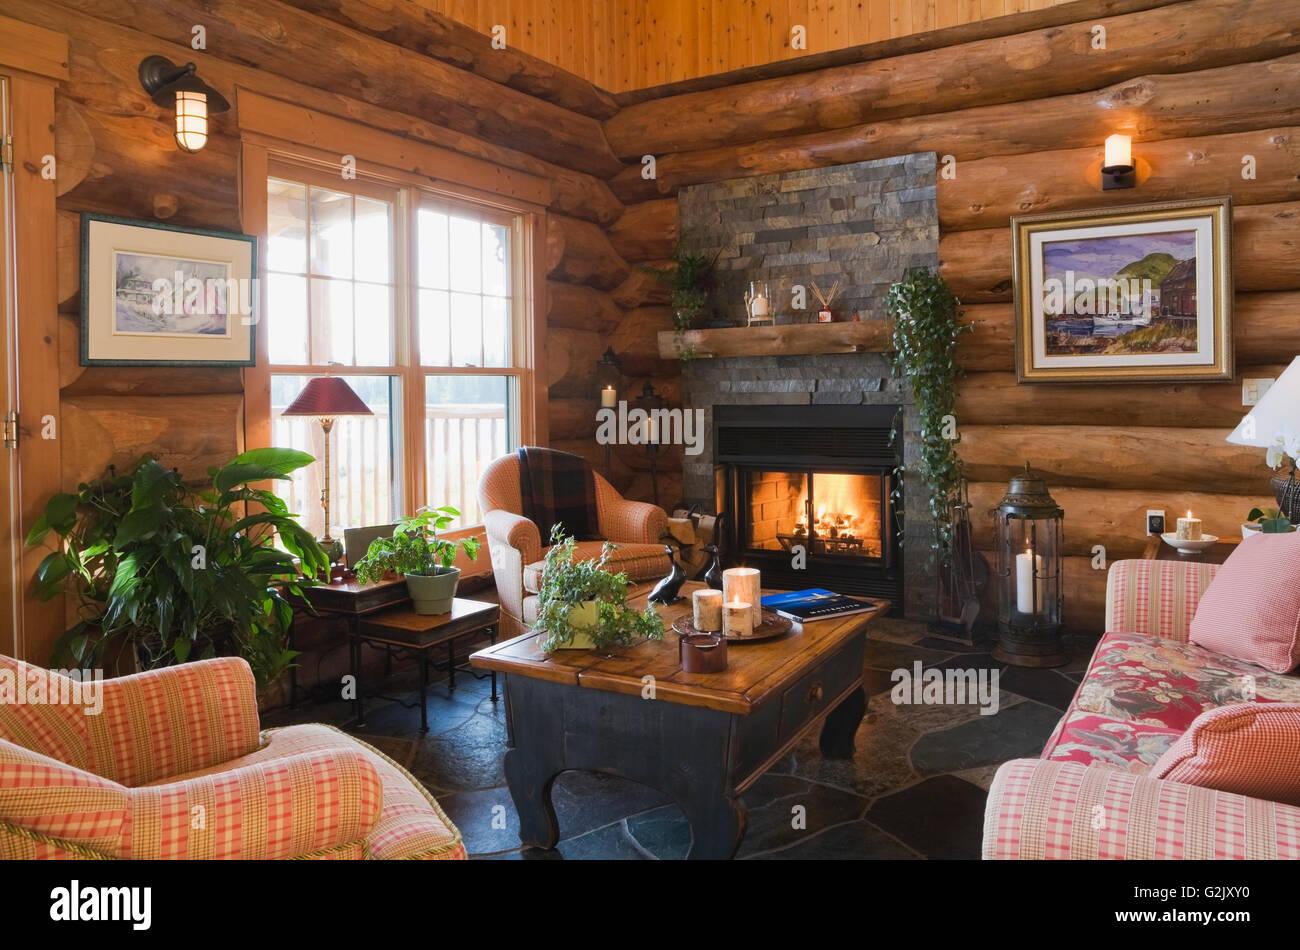 Polsterstuhle Sofa Beleuchtet Couchtisch Aus Holz Kamin Im